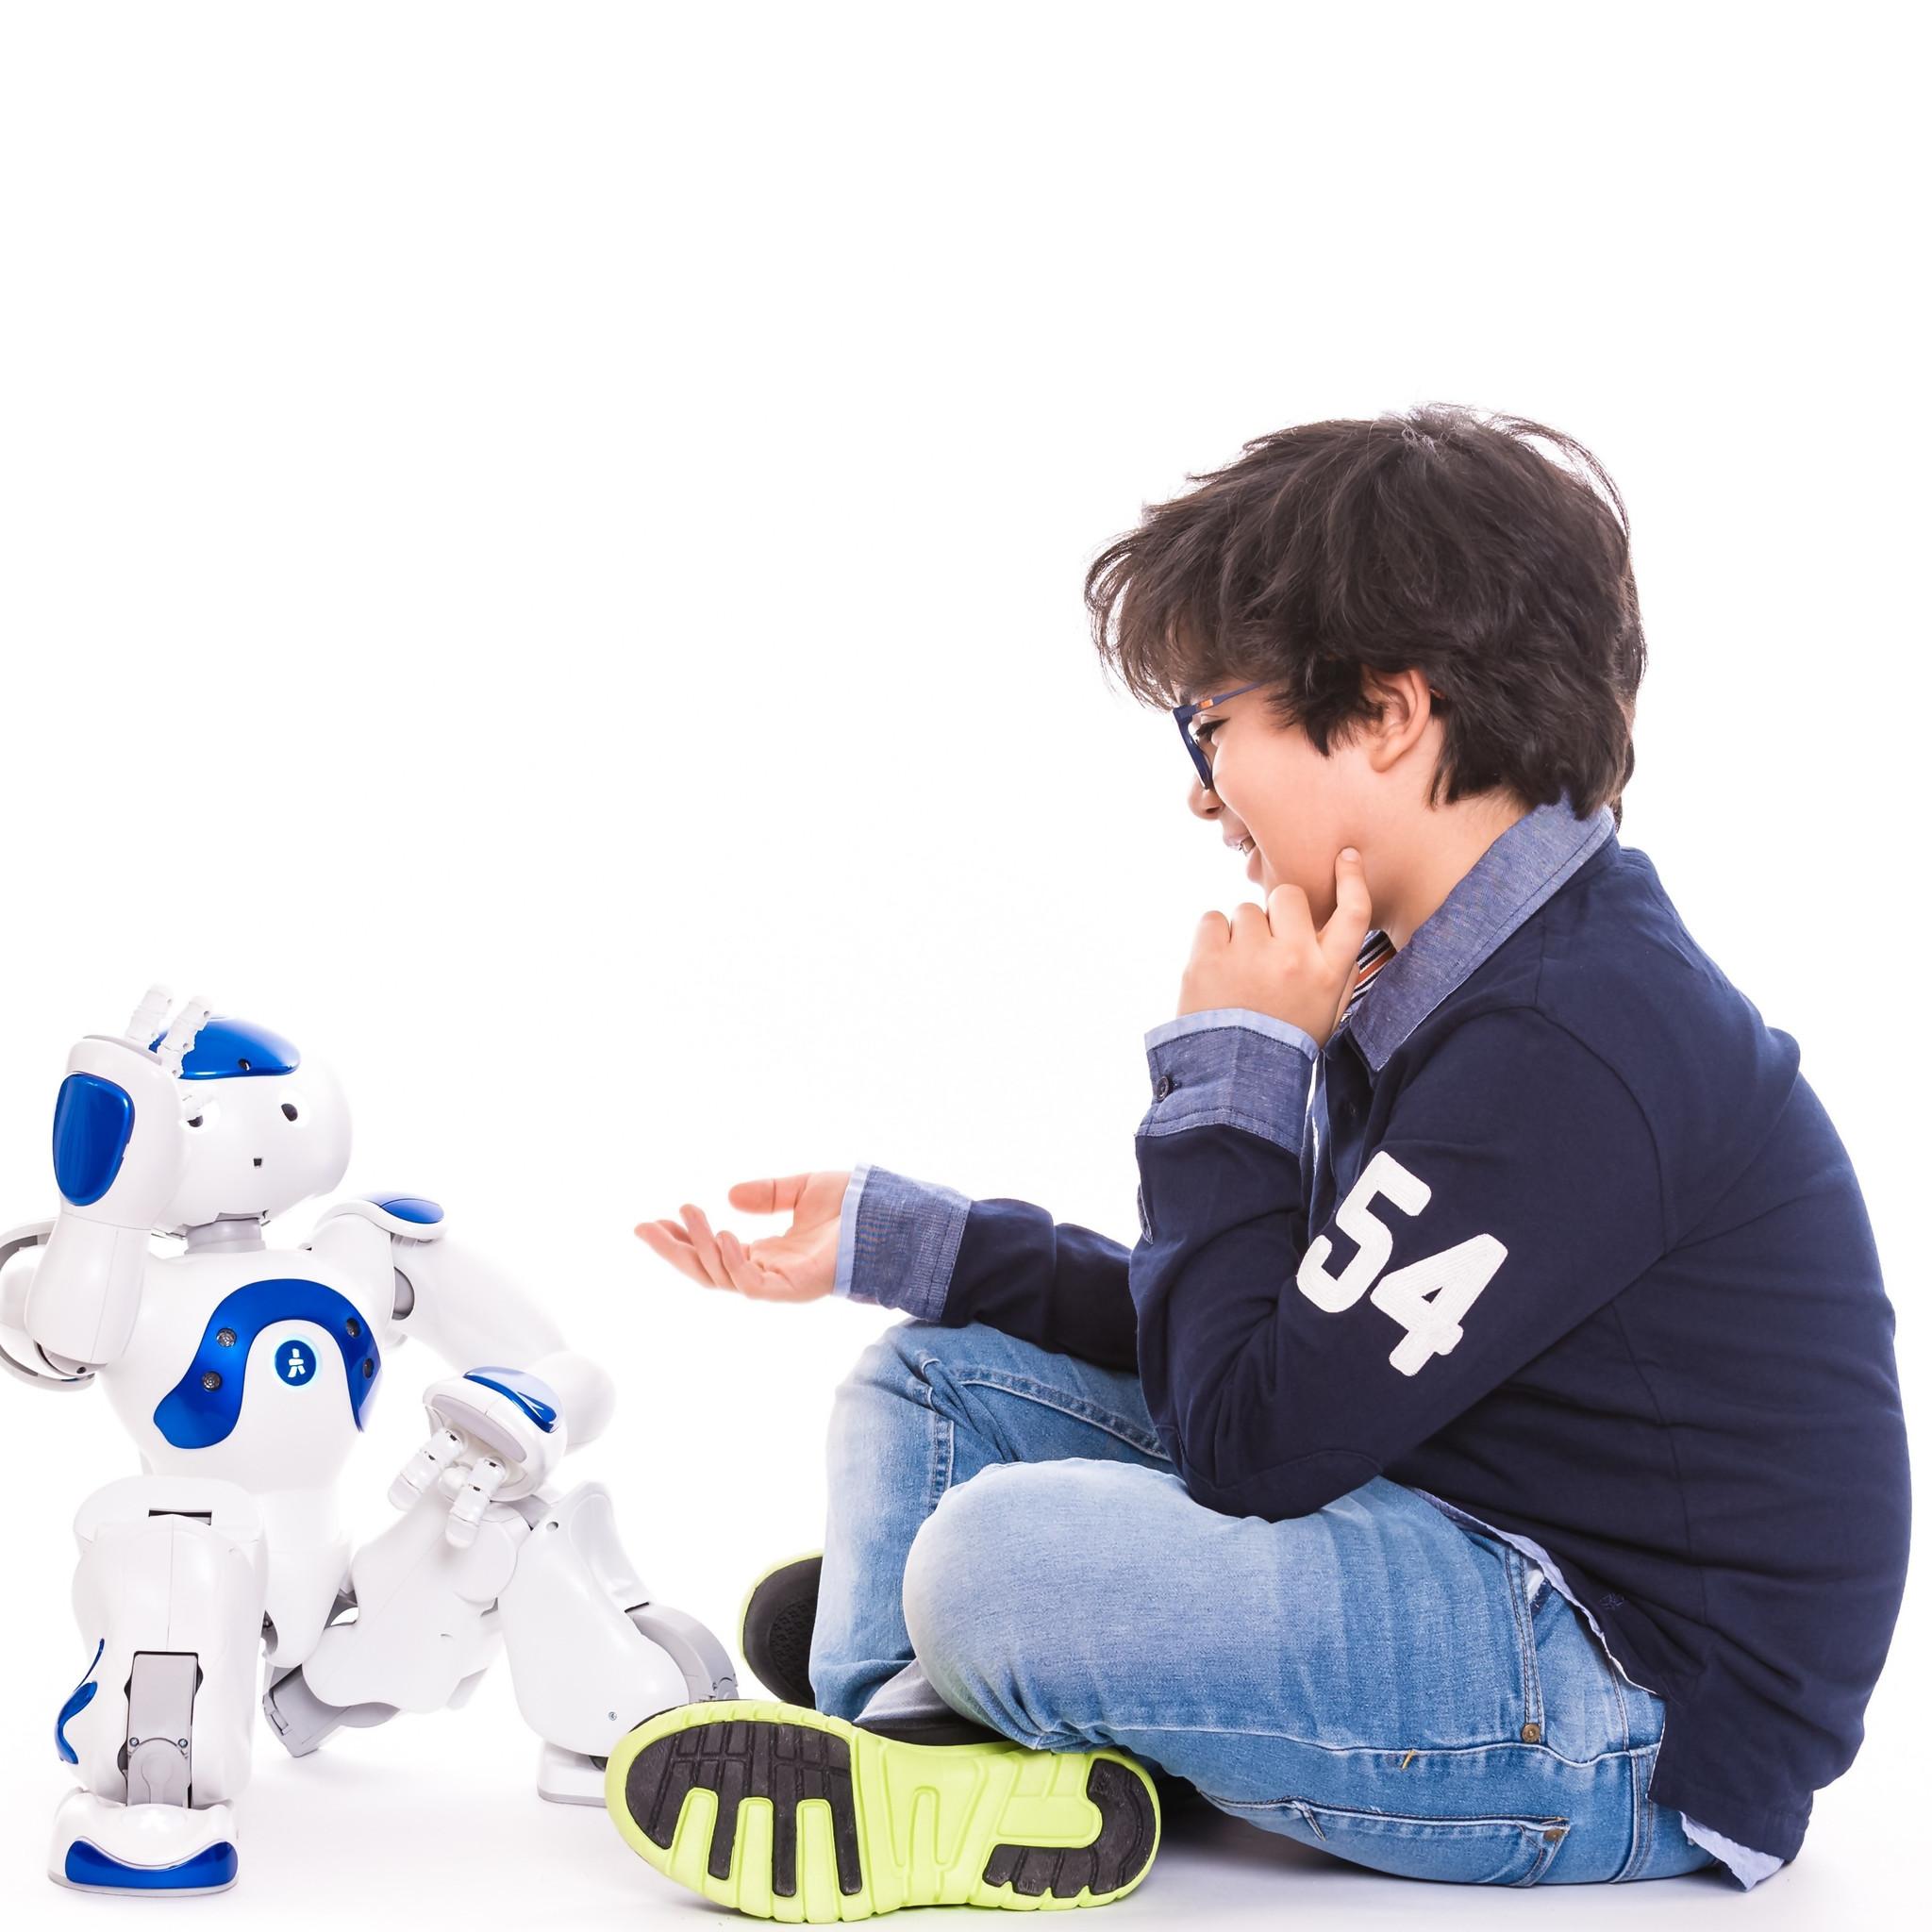 Elias un robot professeur qui parle 23 langues